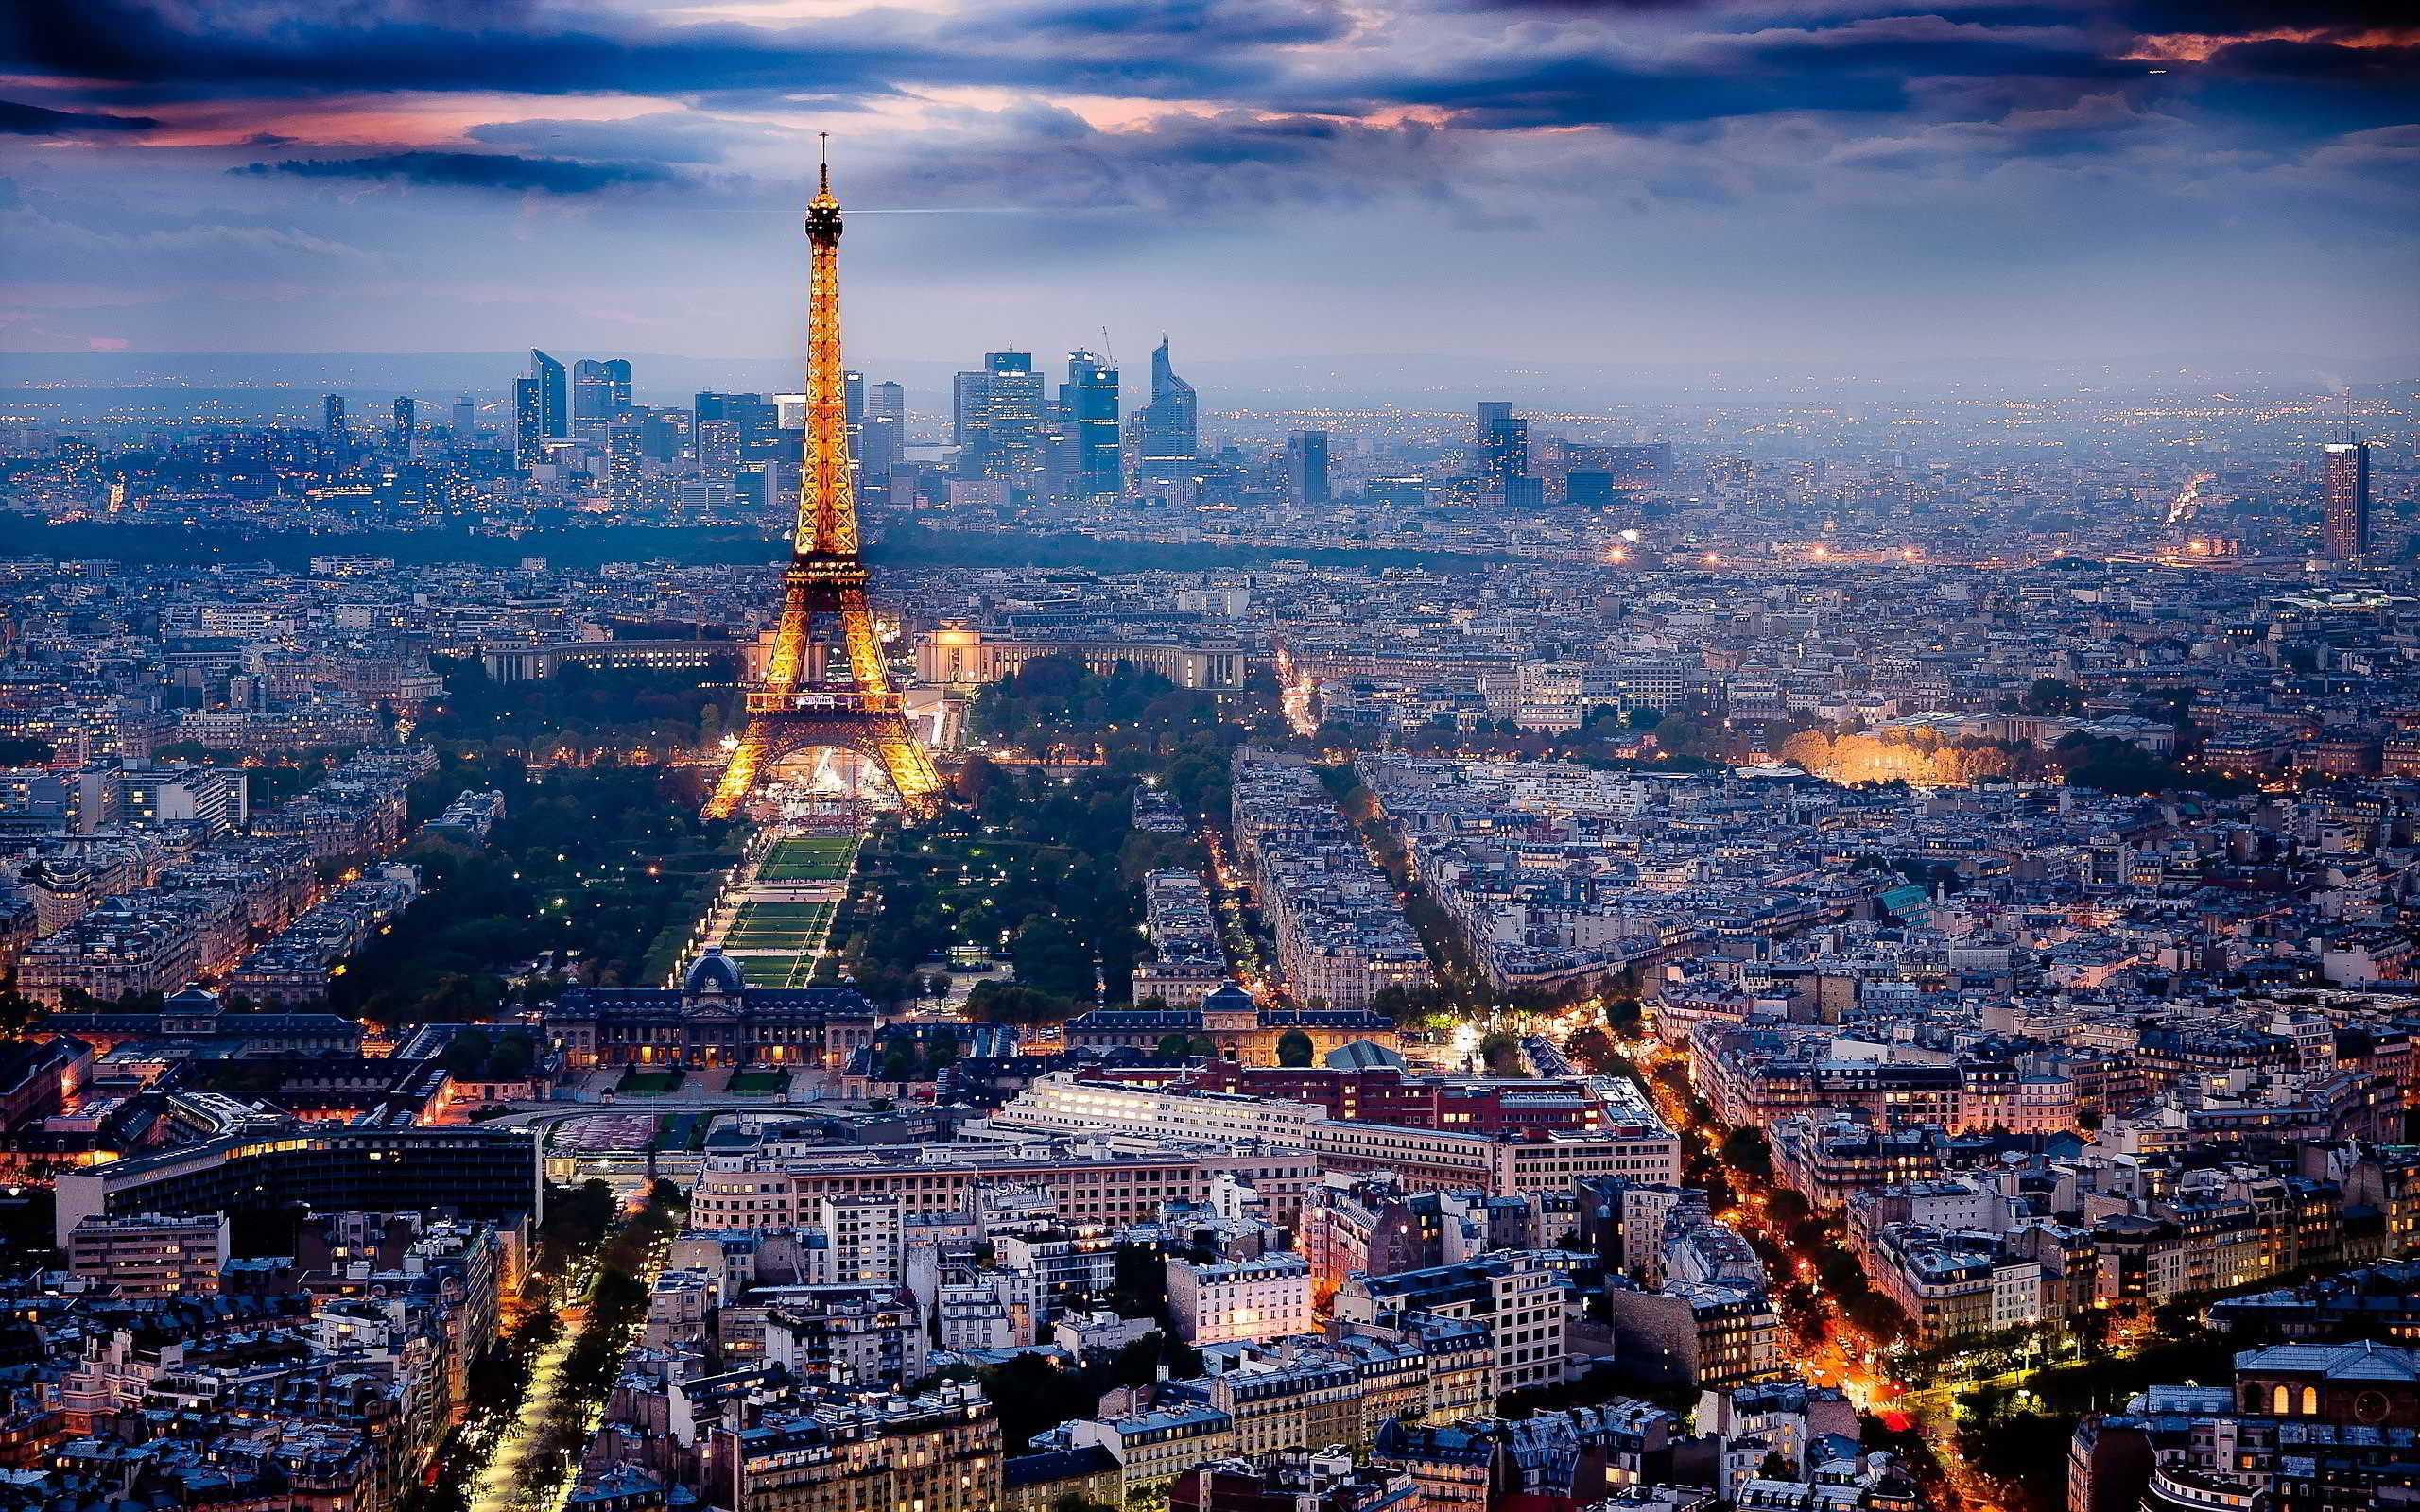 تعرف علي فعاليات مدينة كان الفرنسية | تعرف على مدينة كان الفرنسيه